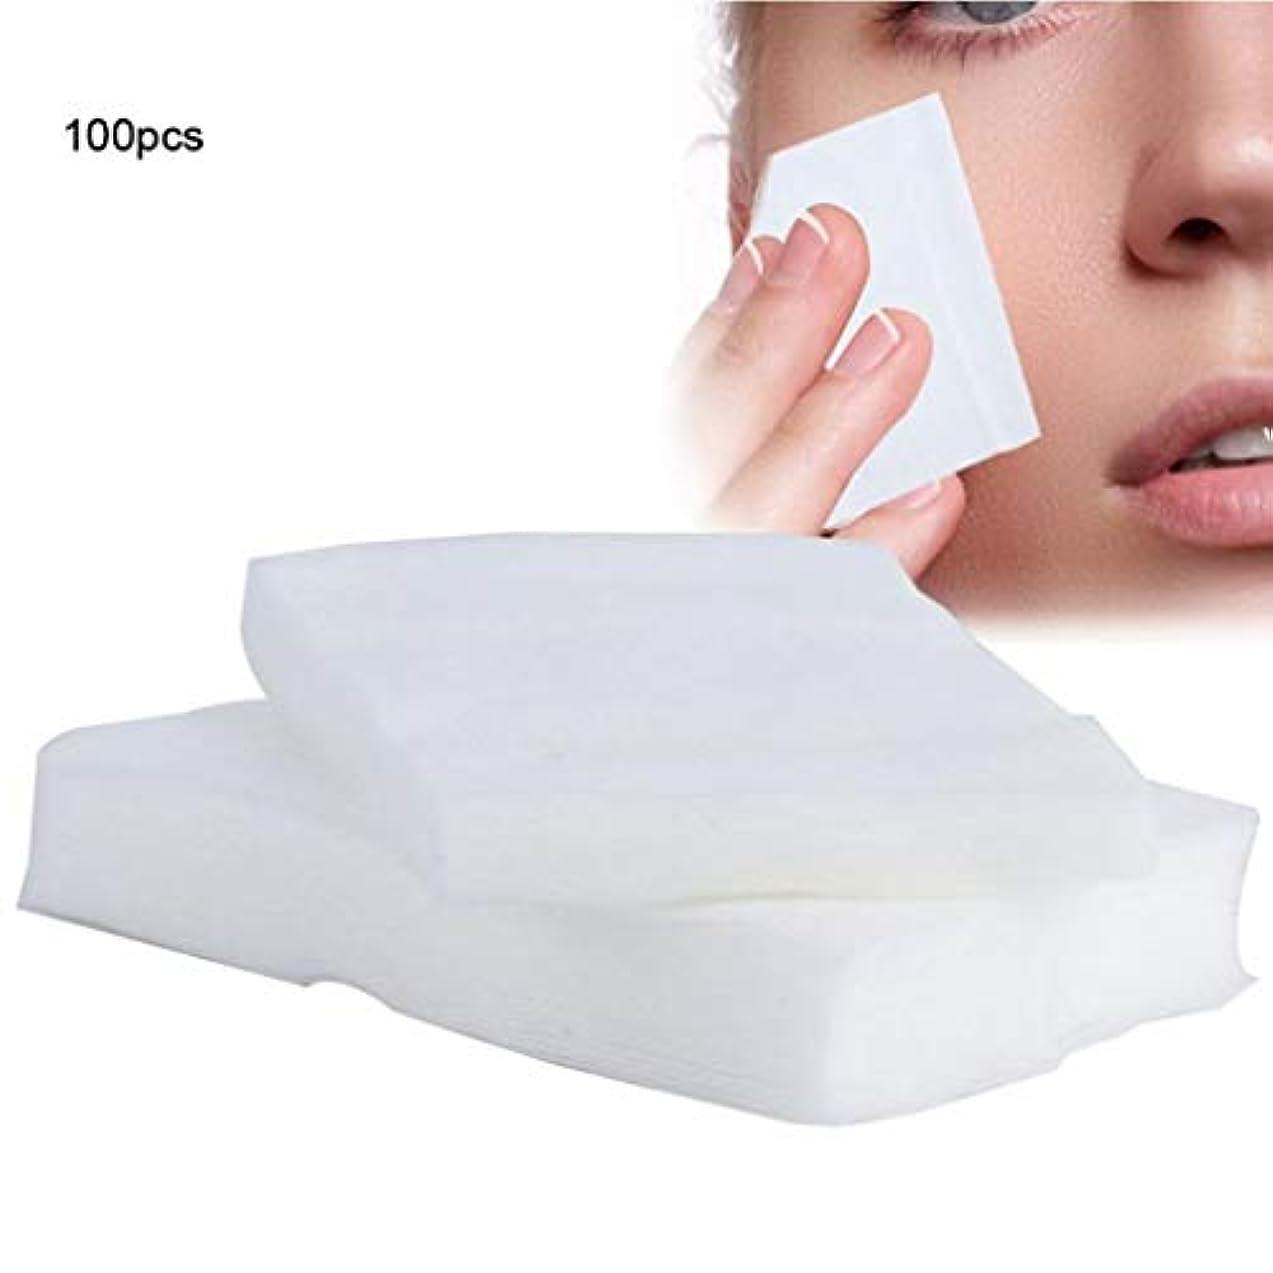 月曜豊富に苦難クレンジングシート 100ピース化粧コットンパッド使い捨て化粧品リムーバーソフトフェイシャルクレンジングワイプペーパータオルメイクアップリムーバーワイプ (Color : White, サイズ : 6*7cm)